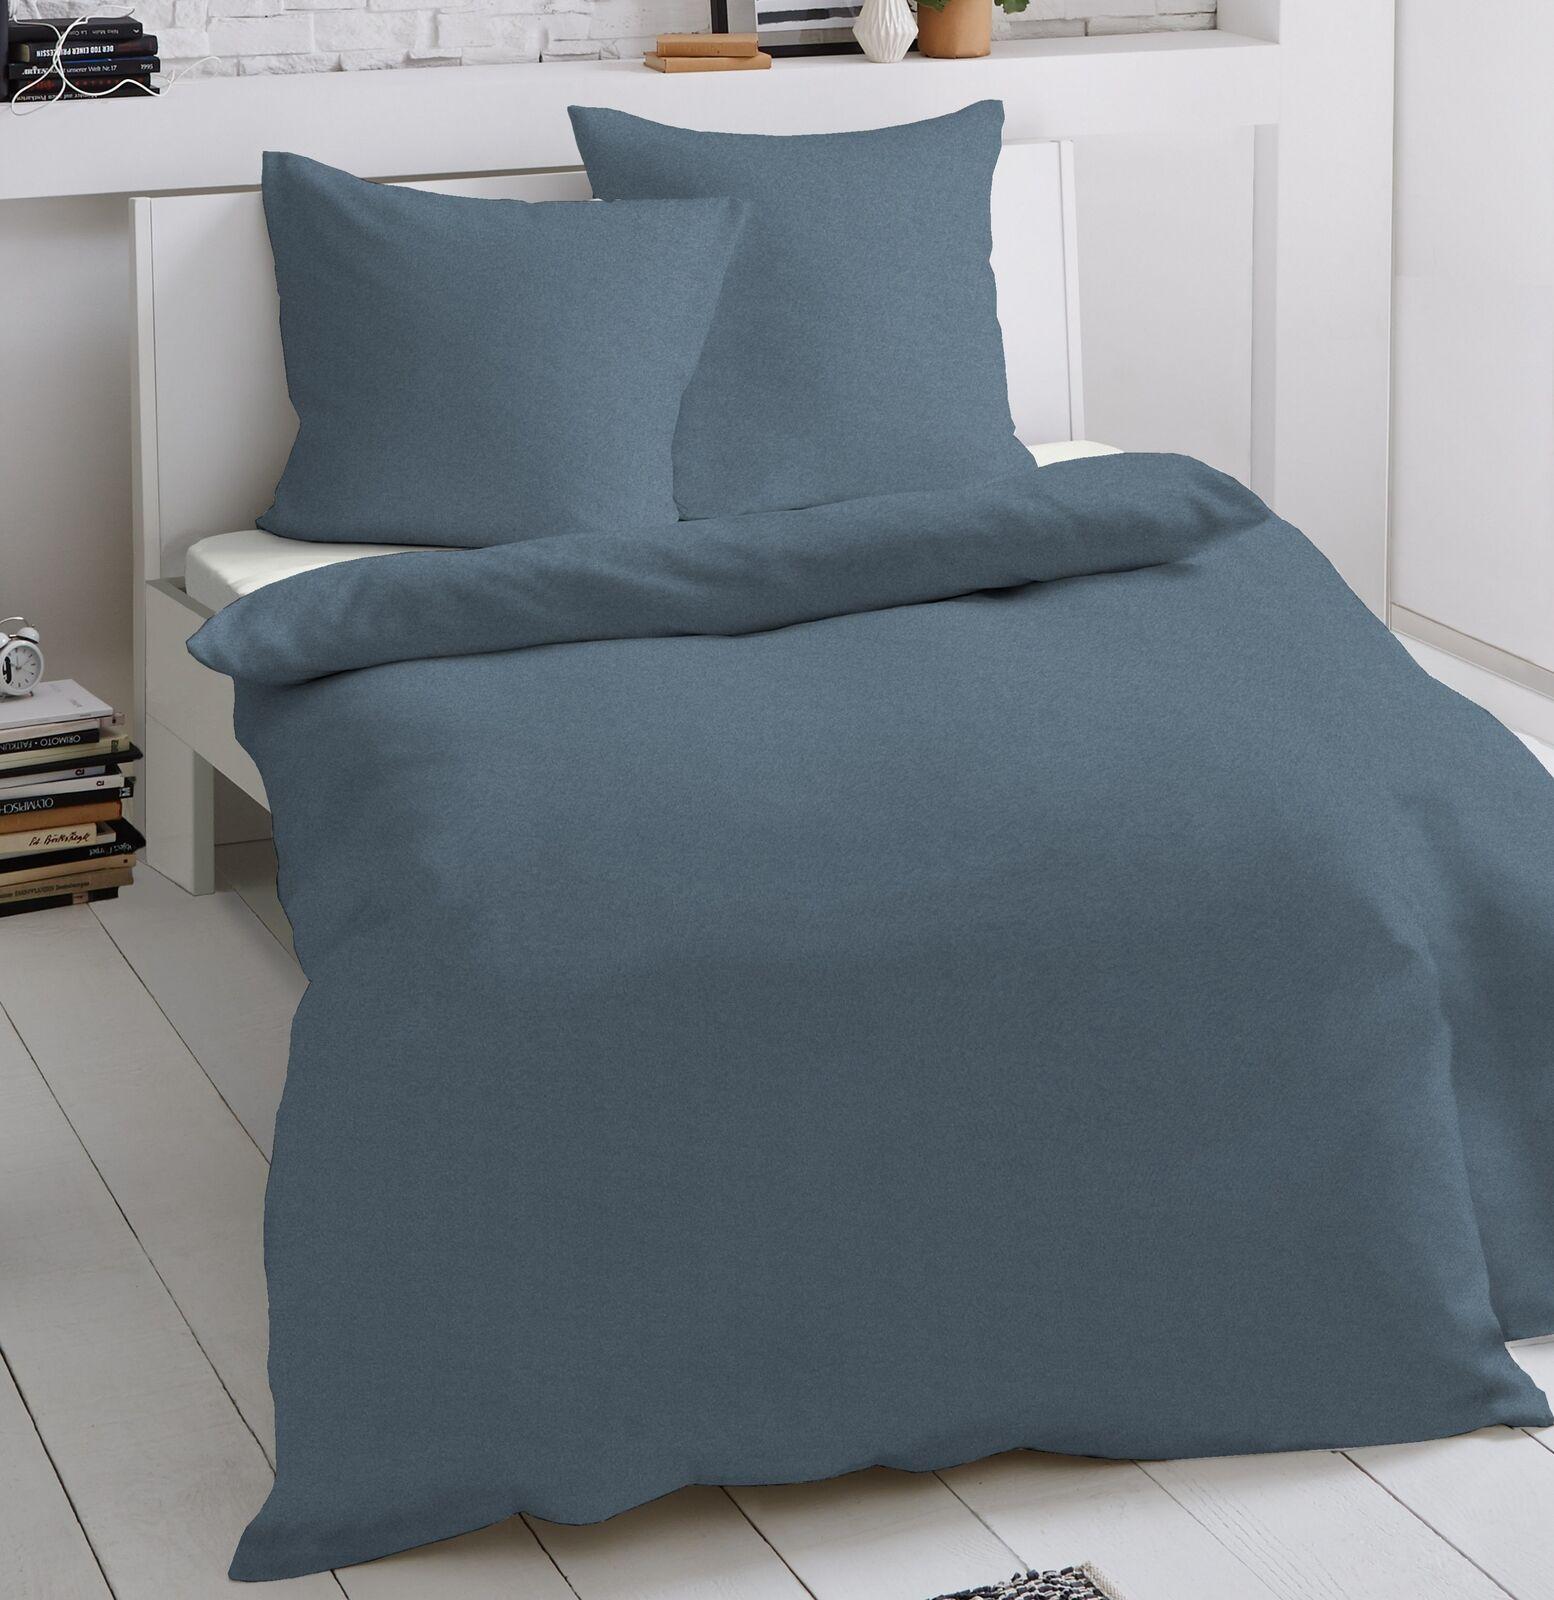 2 tlg Jersey Bettwäsche 155 x 220 cm jeans Mako Baumwolle Garnitur